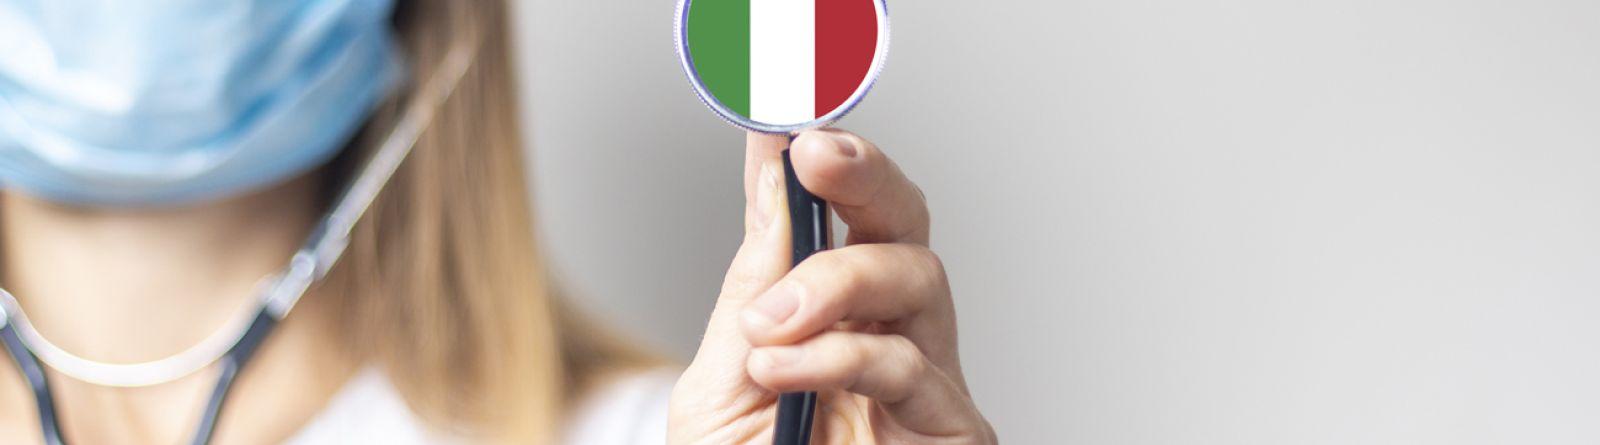 I rendimenti dei titoli di stato italiani diminuiscono